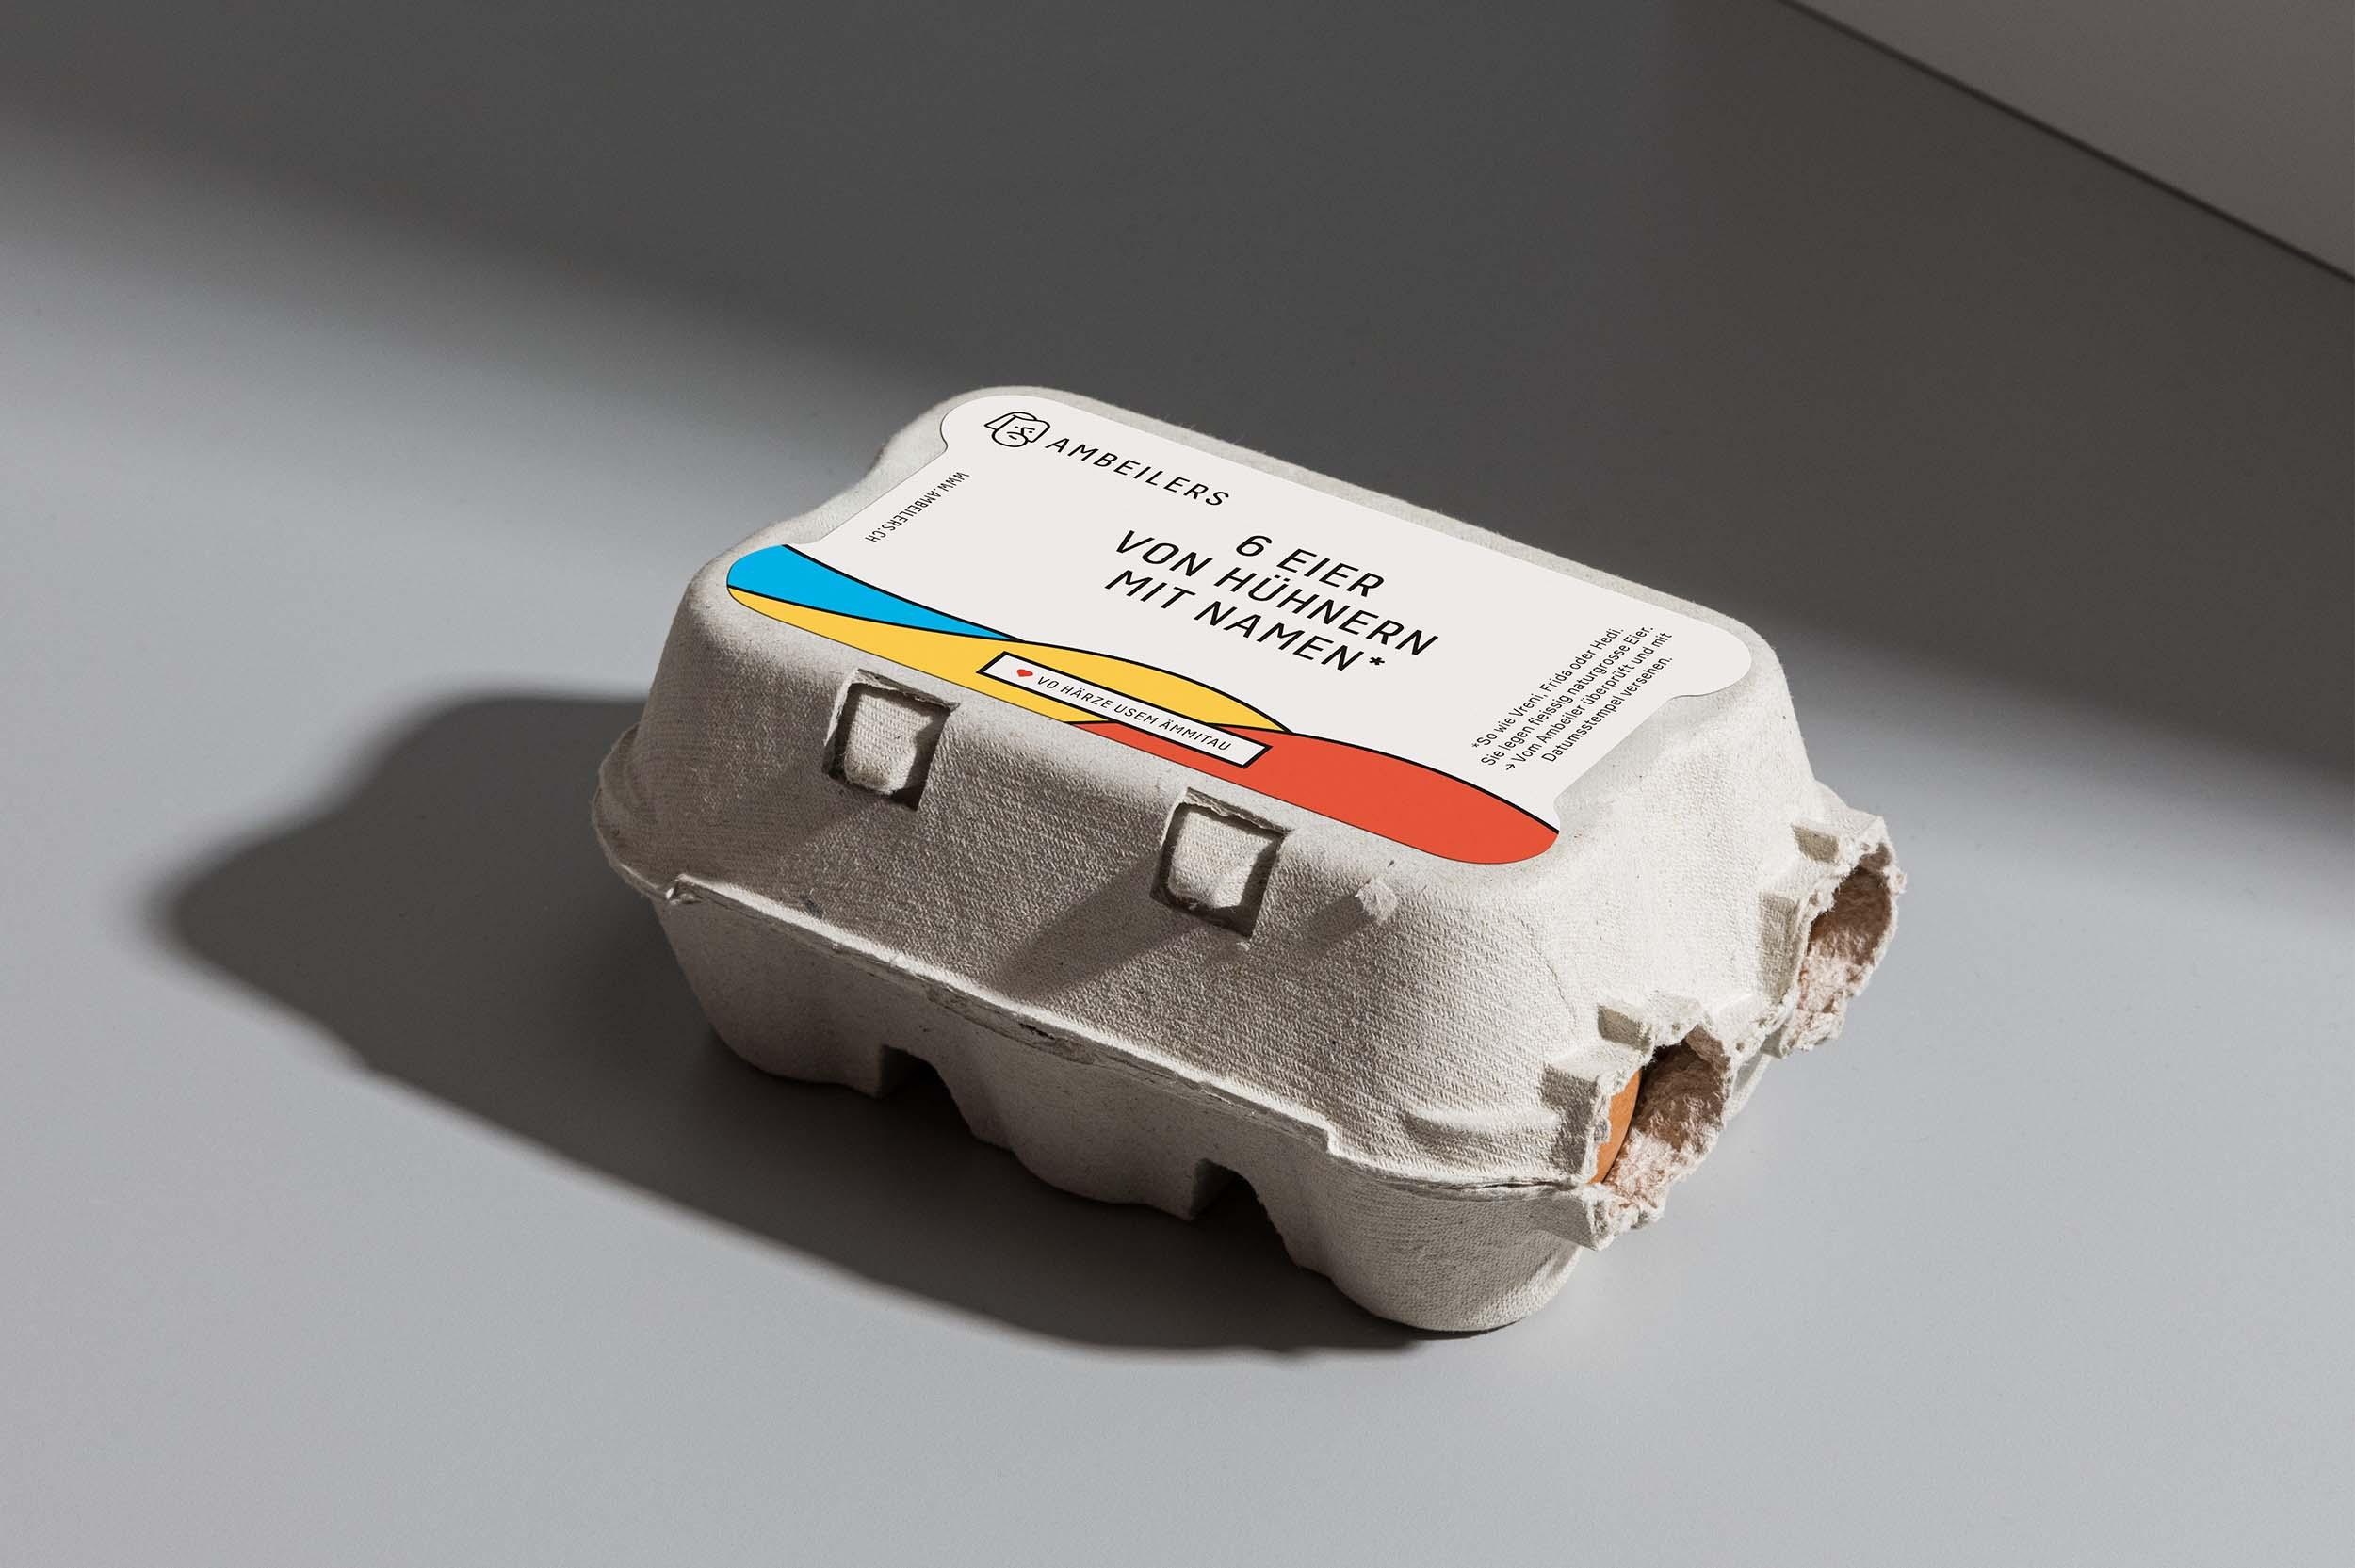 Geschlossene Eierschachtel mit Etikette für Ambeilers, auf grauem Hintergrund